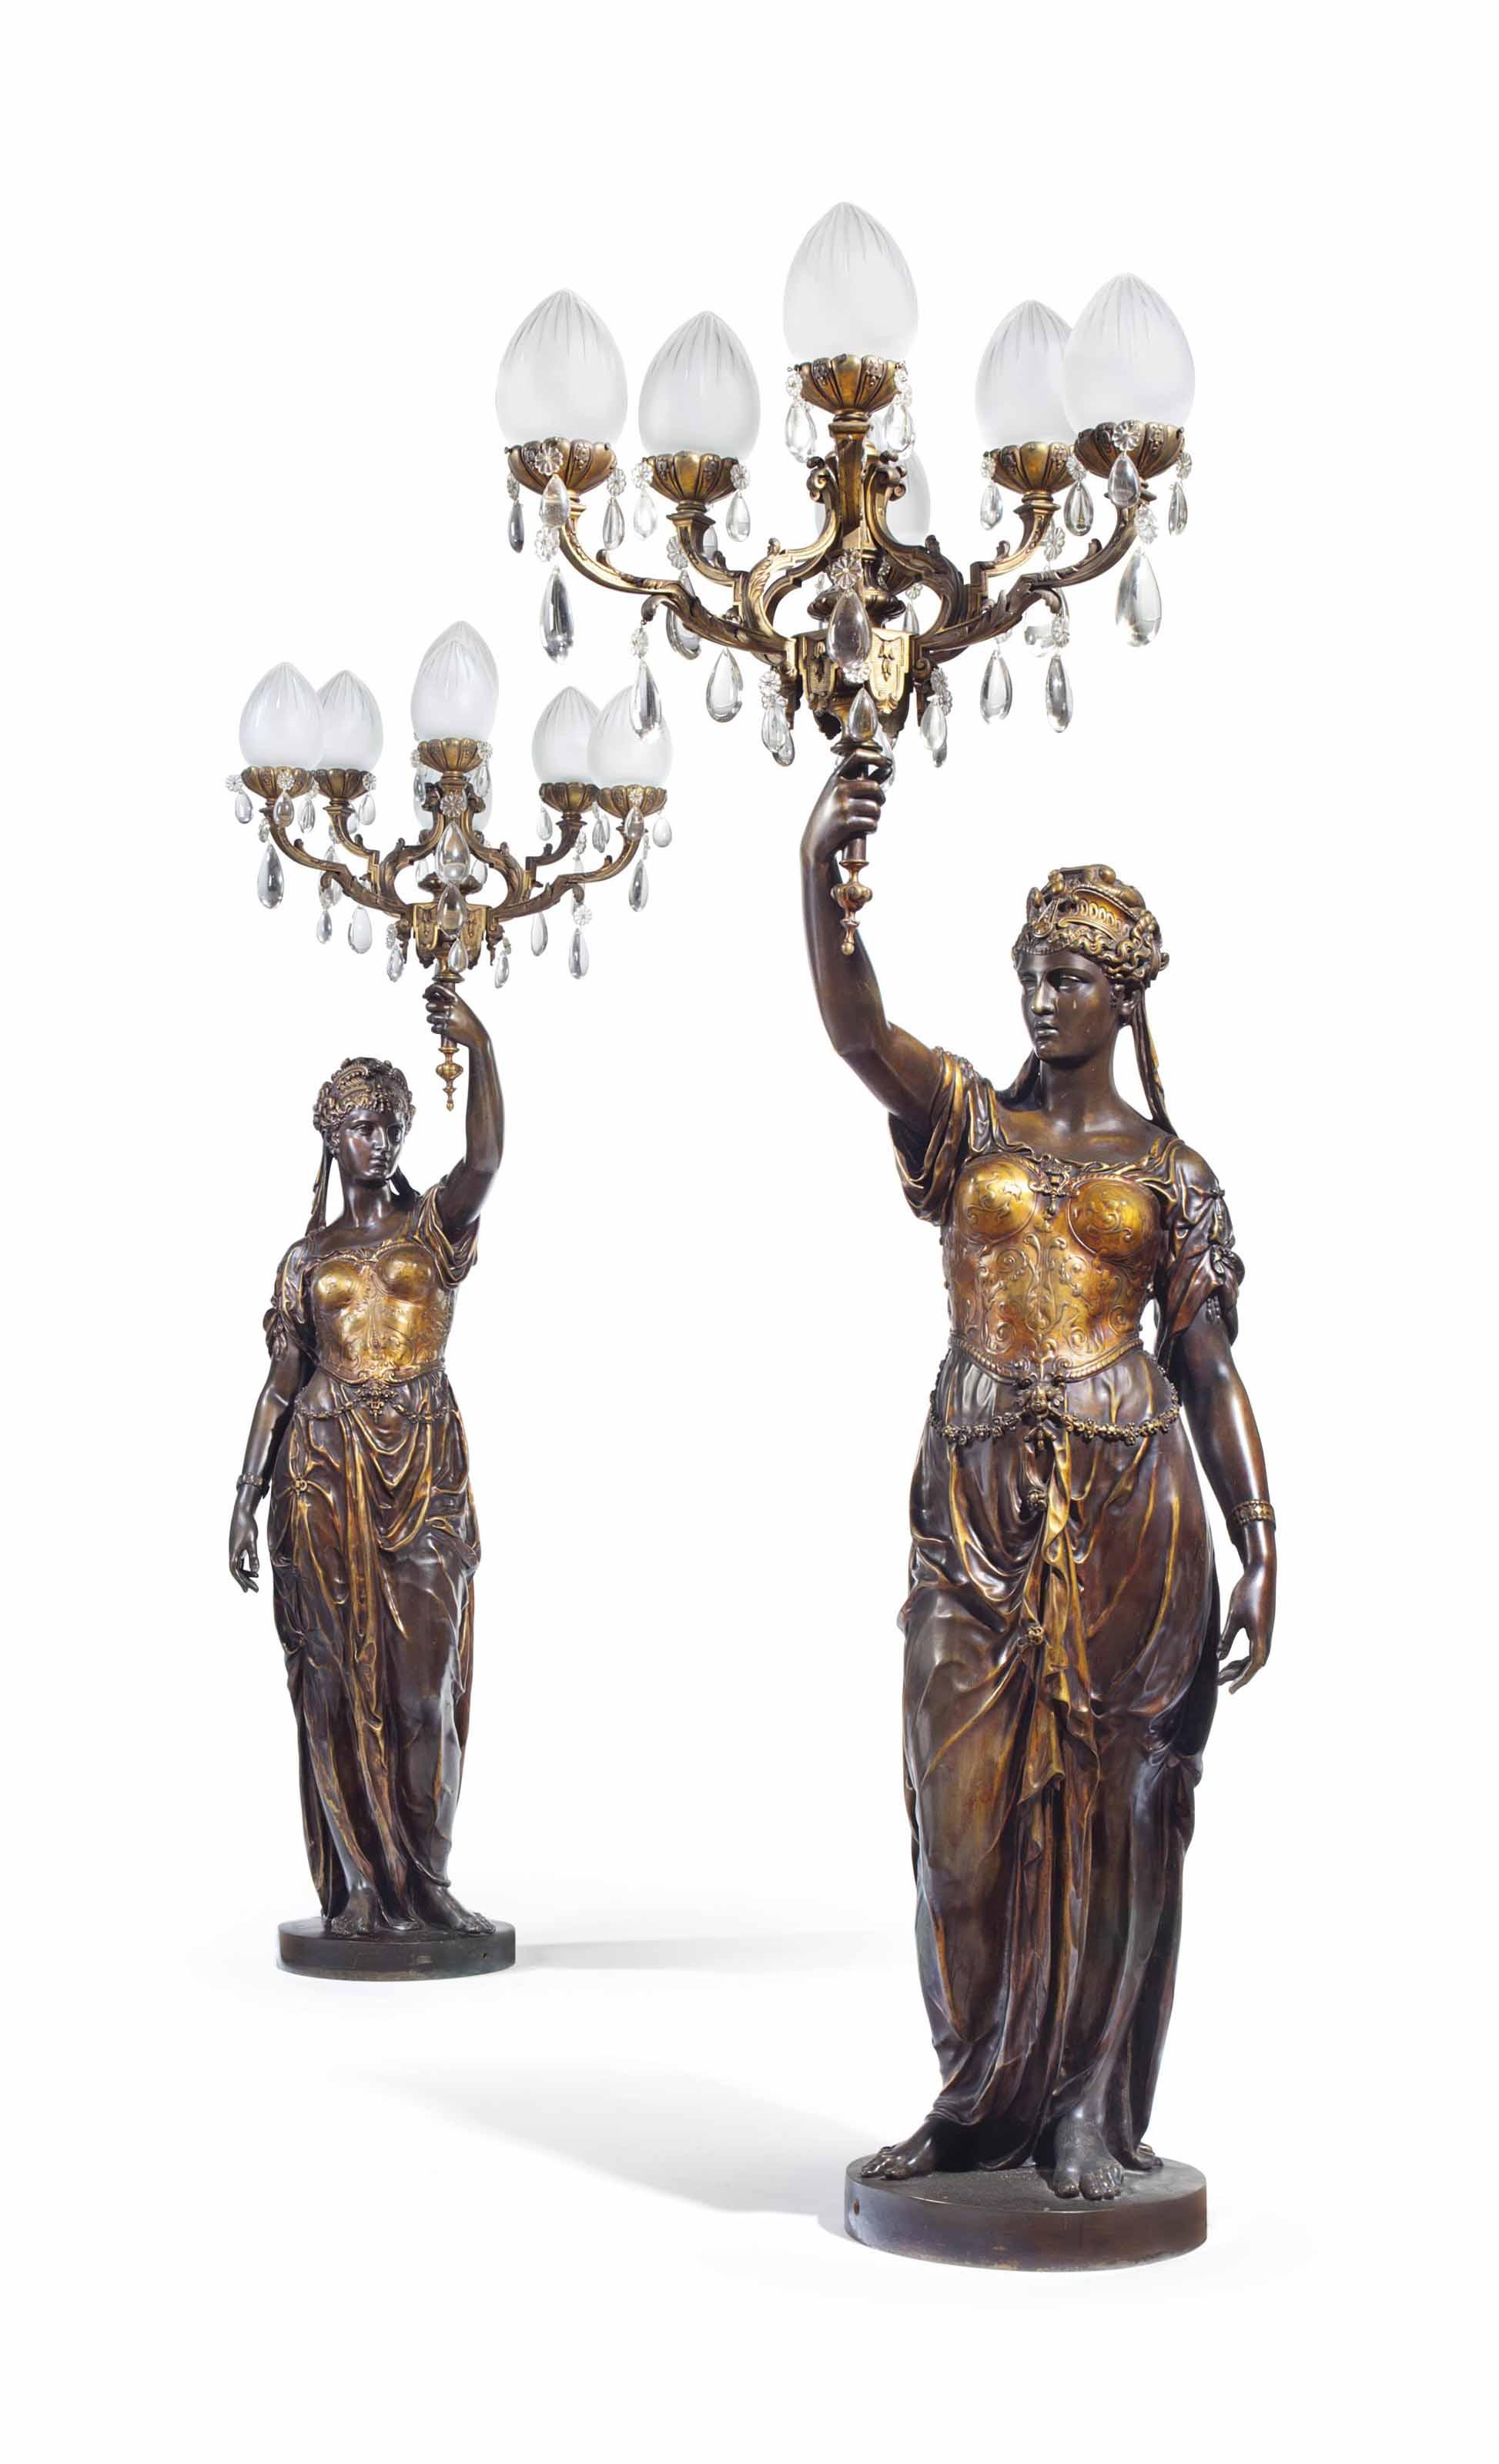 A PAIR OF LARGE FRENCH PARCEL-GILT AND PATINATED BRONZE FIGURAL SEVEN-LIGHT TORCHERES, TITLED 'DEUX FEMMES DE LA RENAISSANCE'